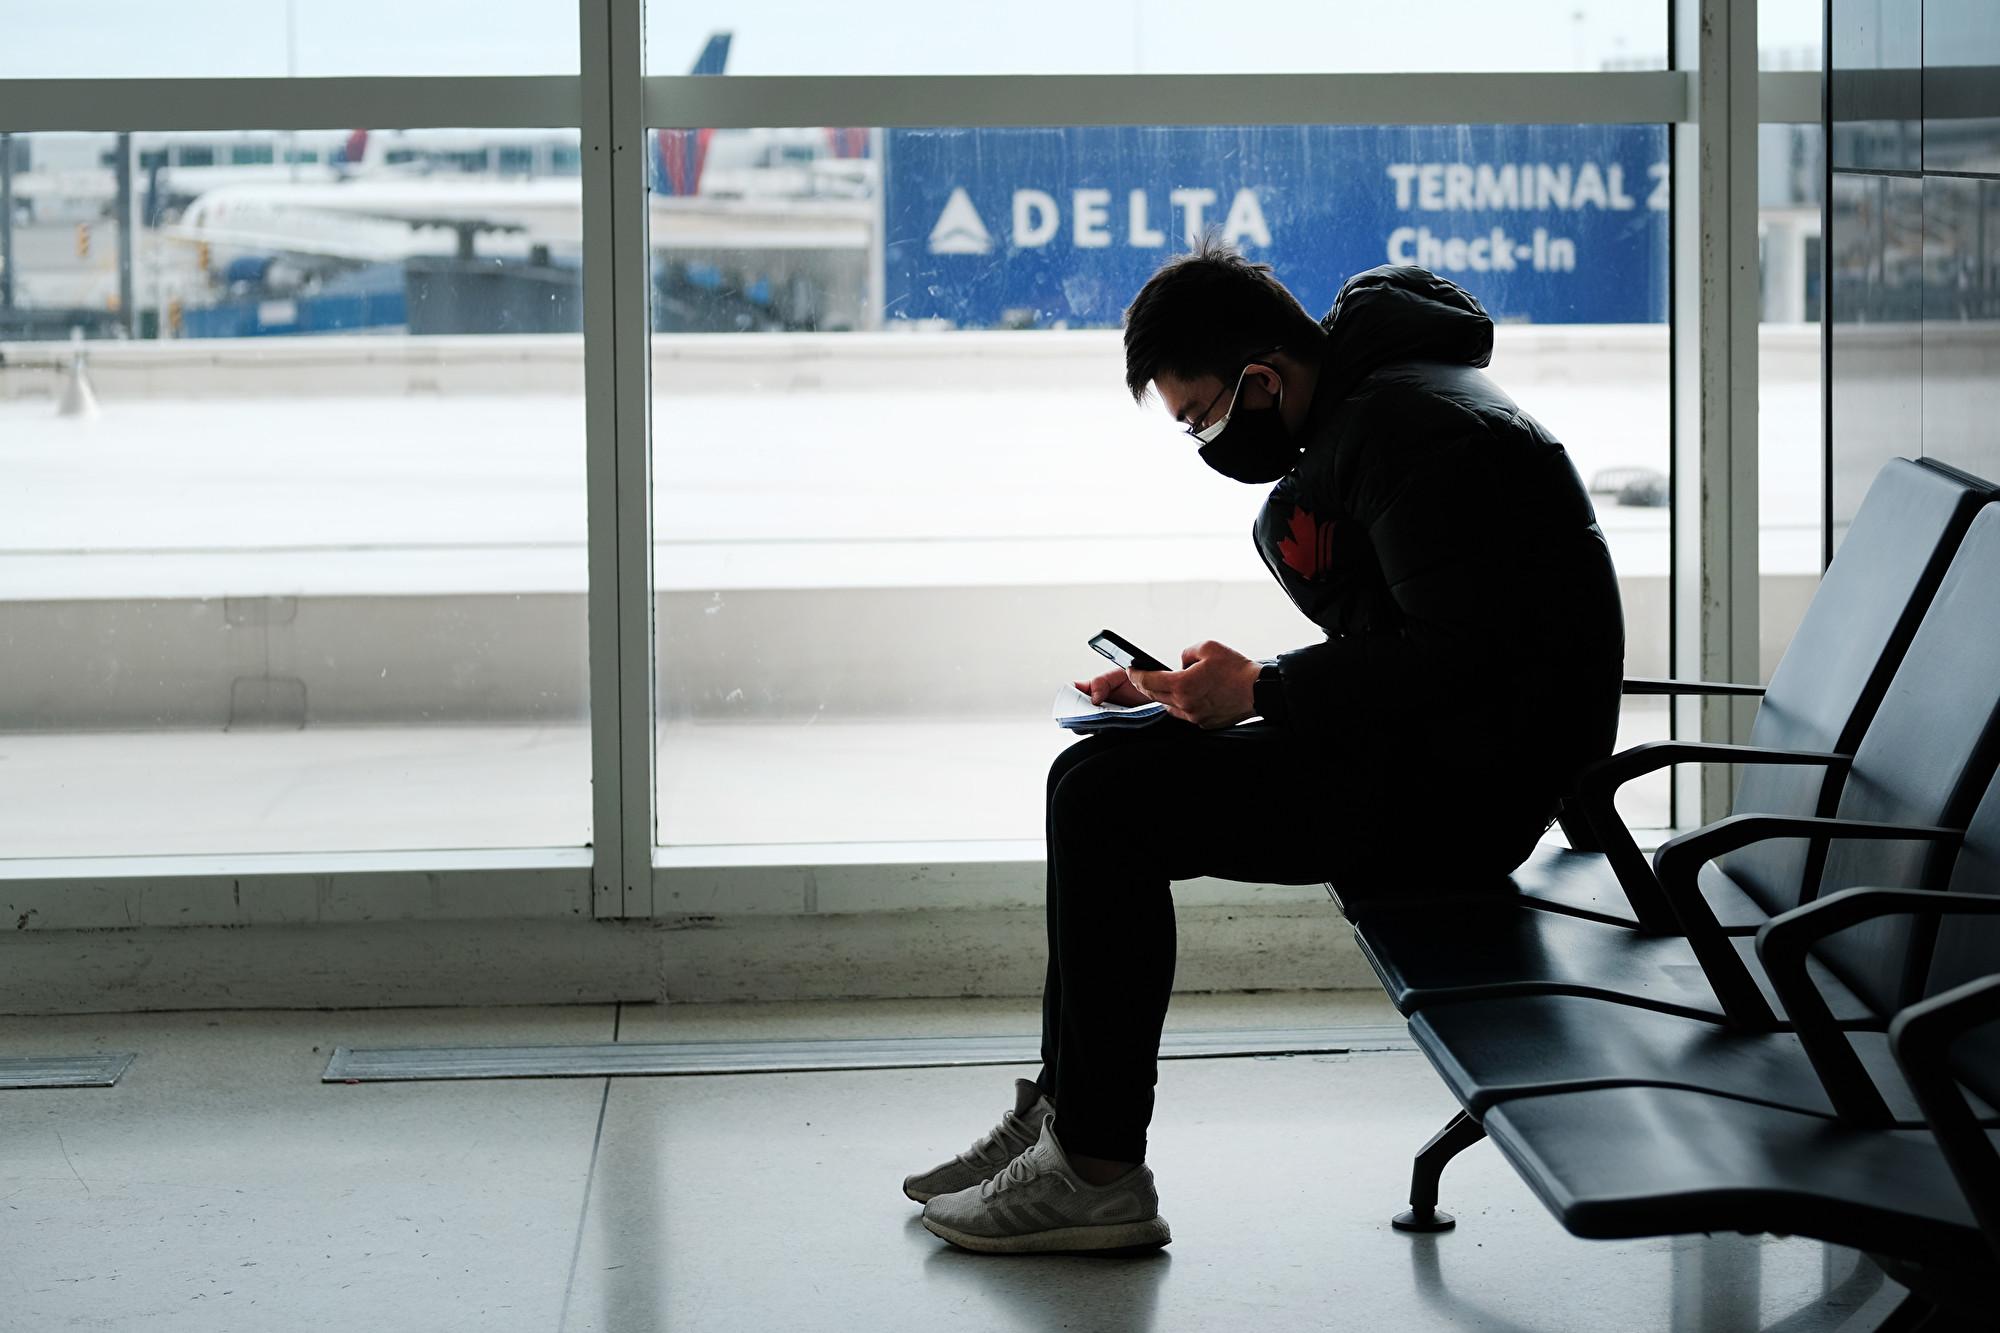 曾去中國者入境美國 航空公司將執行新規則